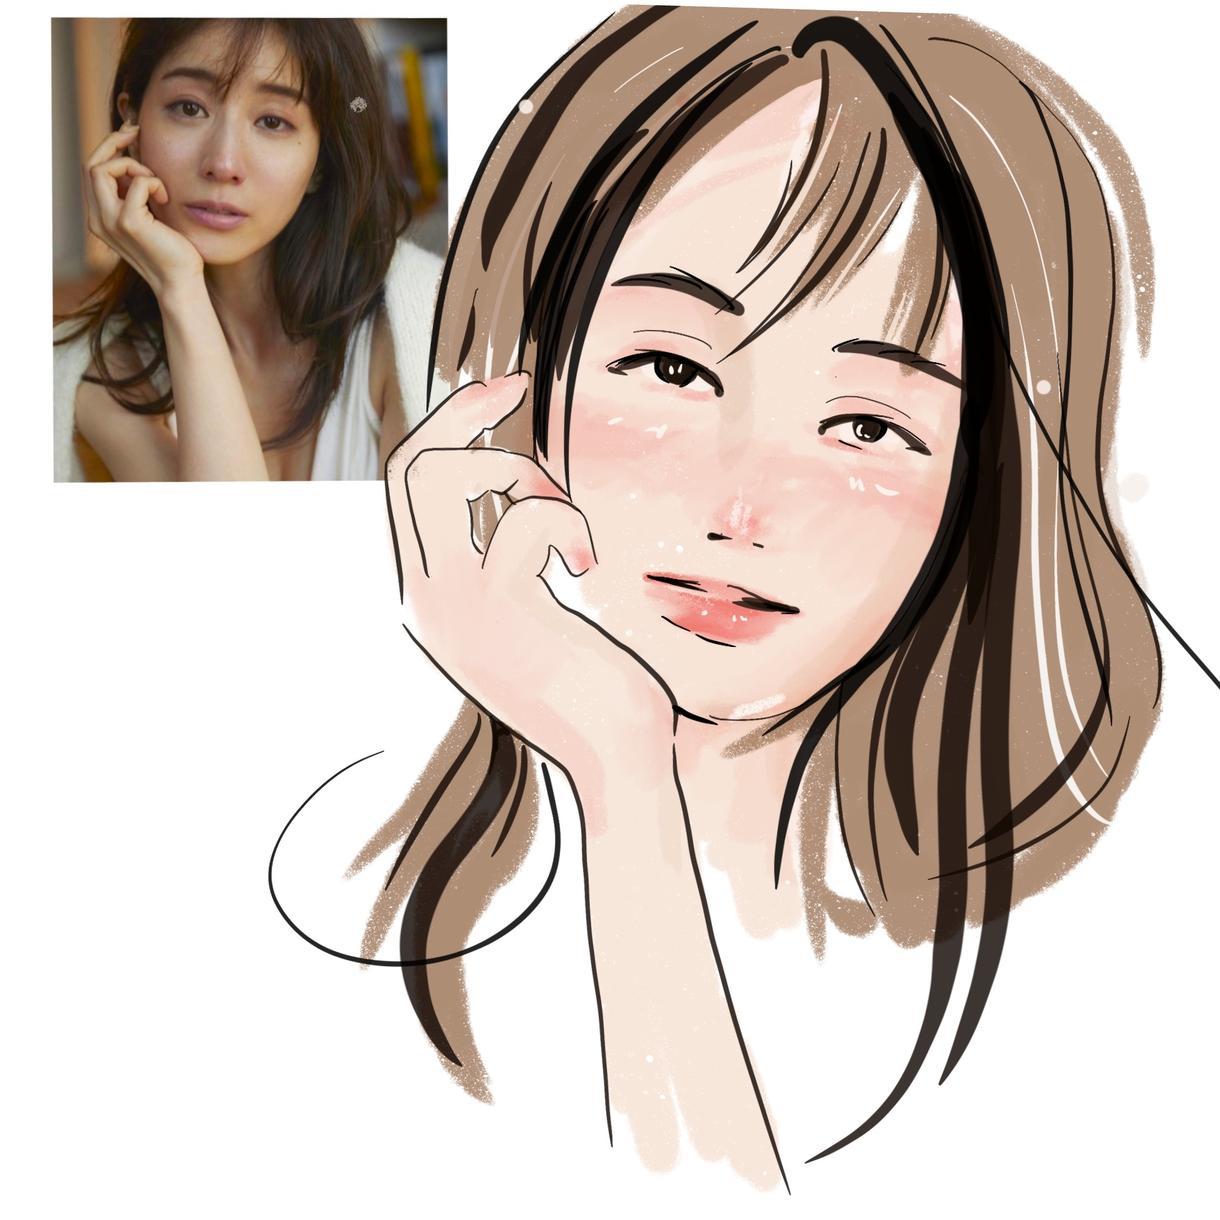 SNSアイコンや名刺、プレゼント用似顔絵作成します 個性あり可愛いオシャレイラスト